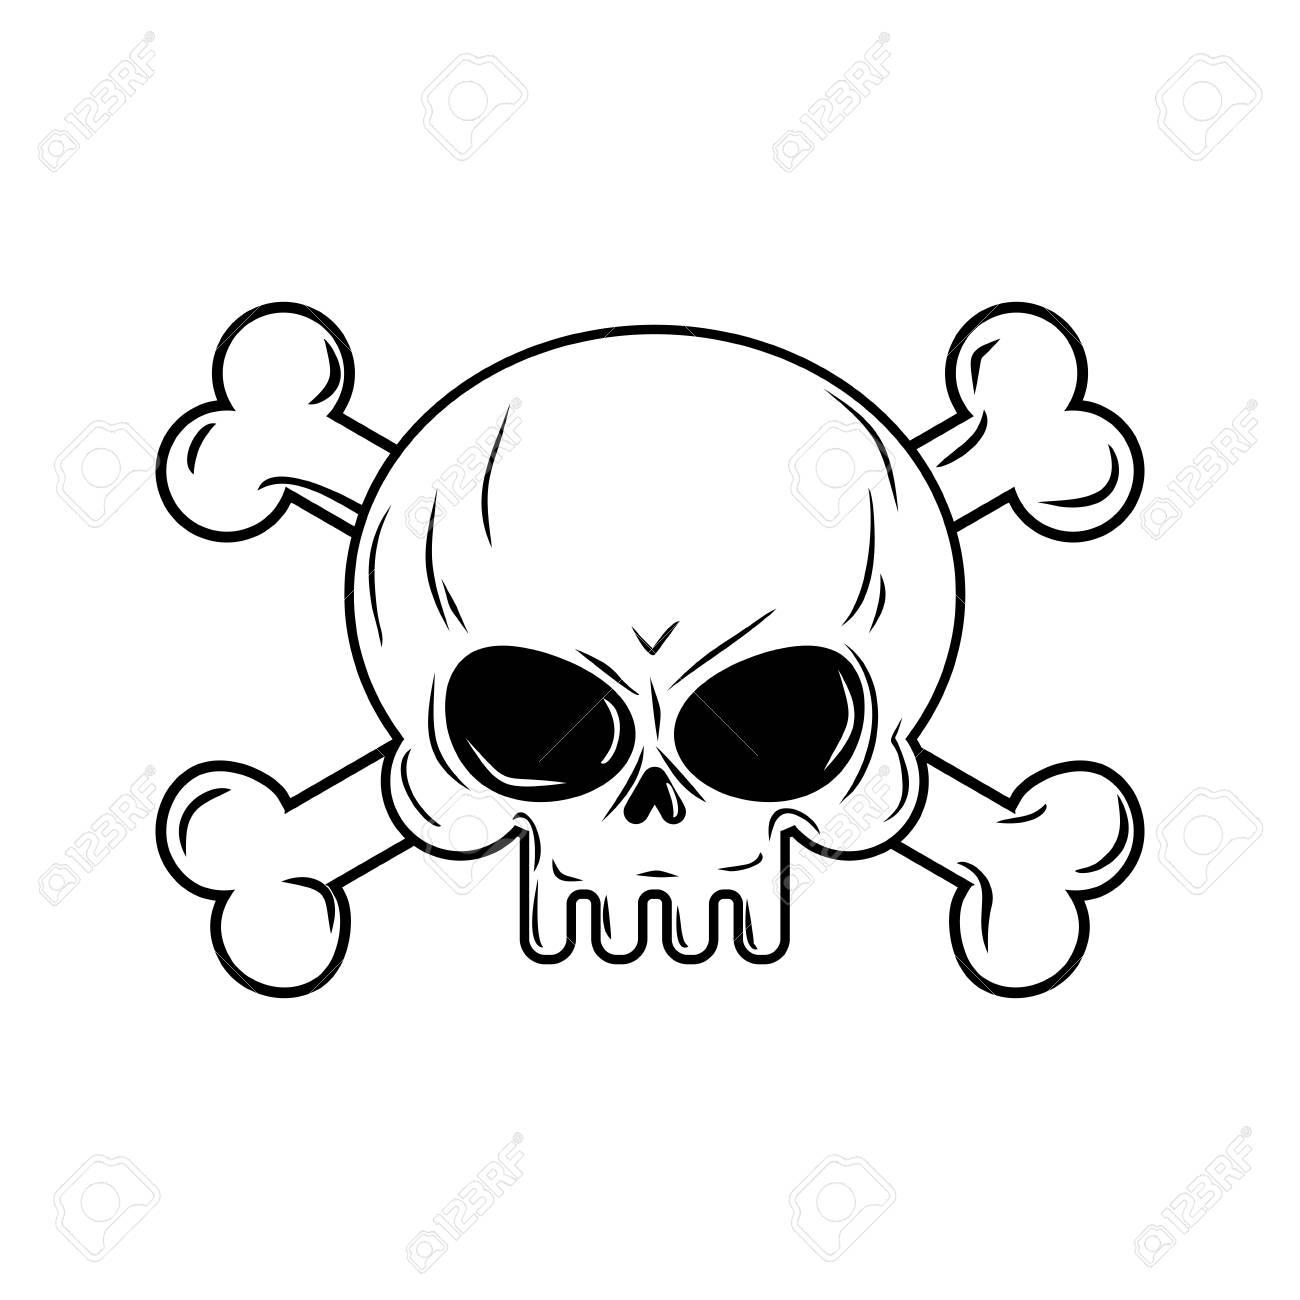 skull with bones pirates sign vector illustration head skeleton rh 123rf com free vector skull and bones skull and crossbones free vector art